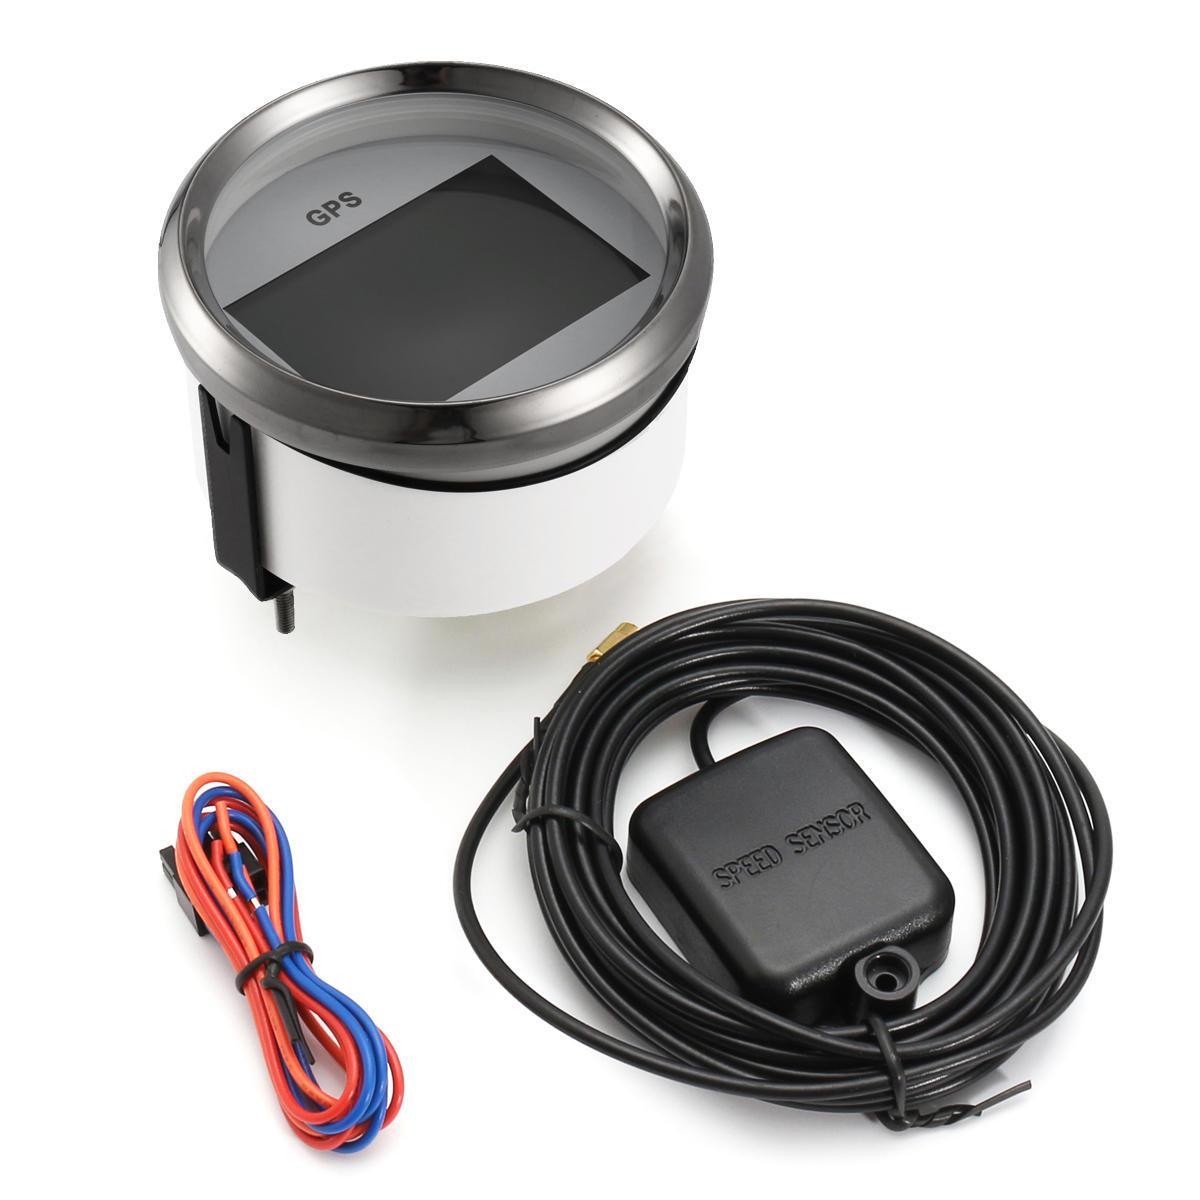 300km / h Digital GPS Speedometer Spår 85mm 9-32 VDC 100mA Bilbil Lastbil Marine